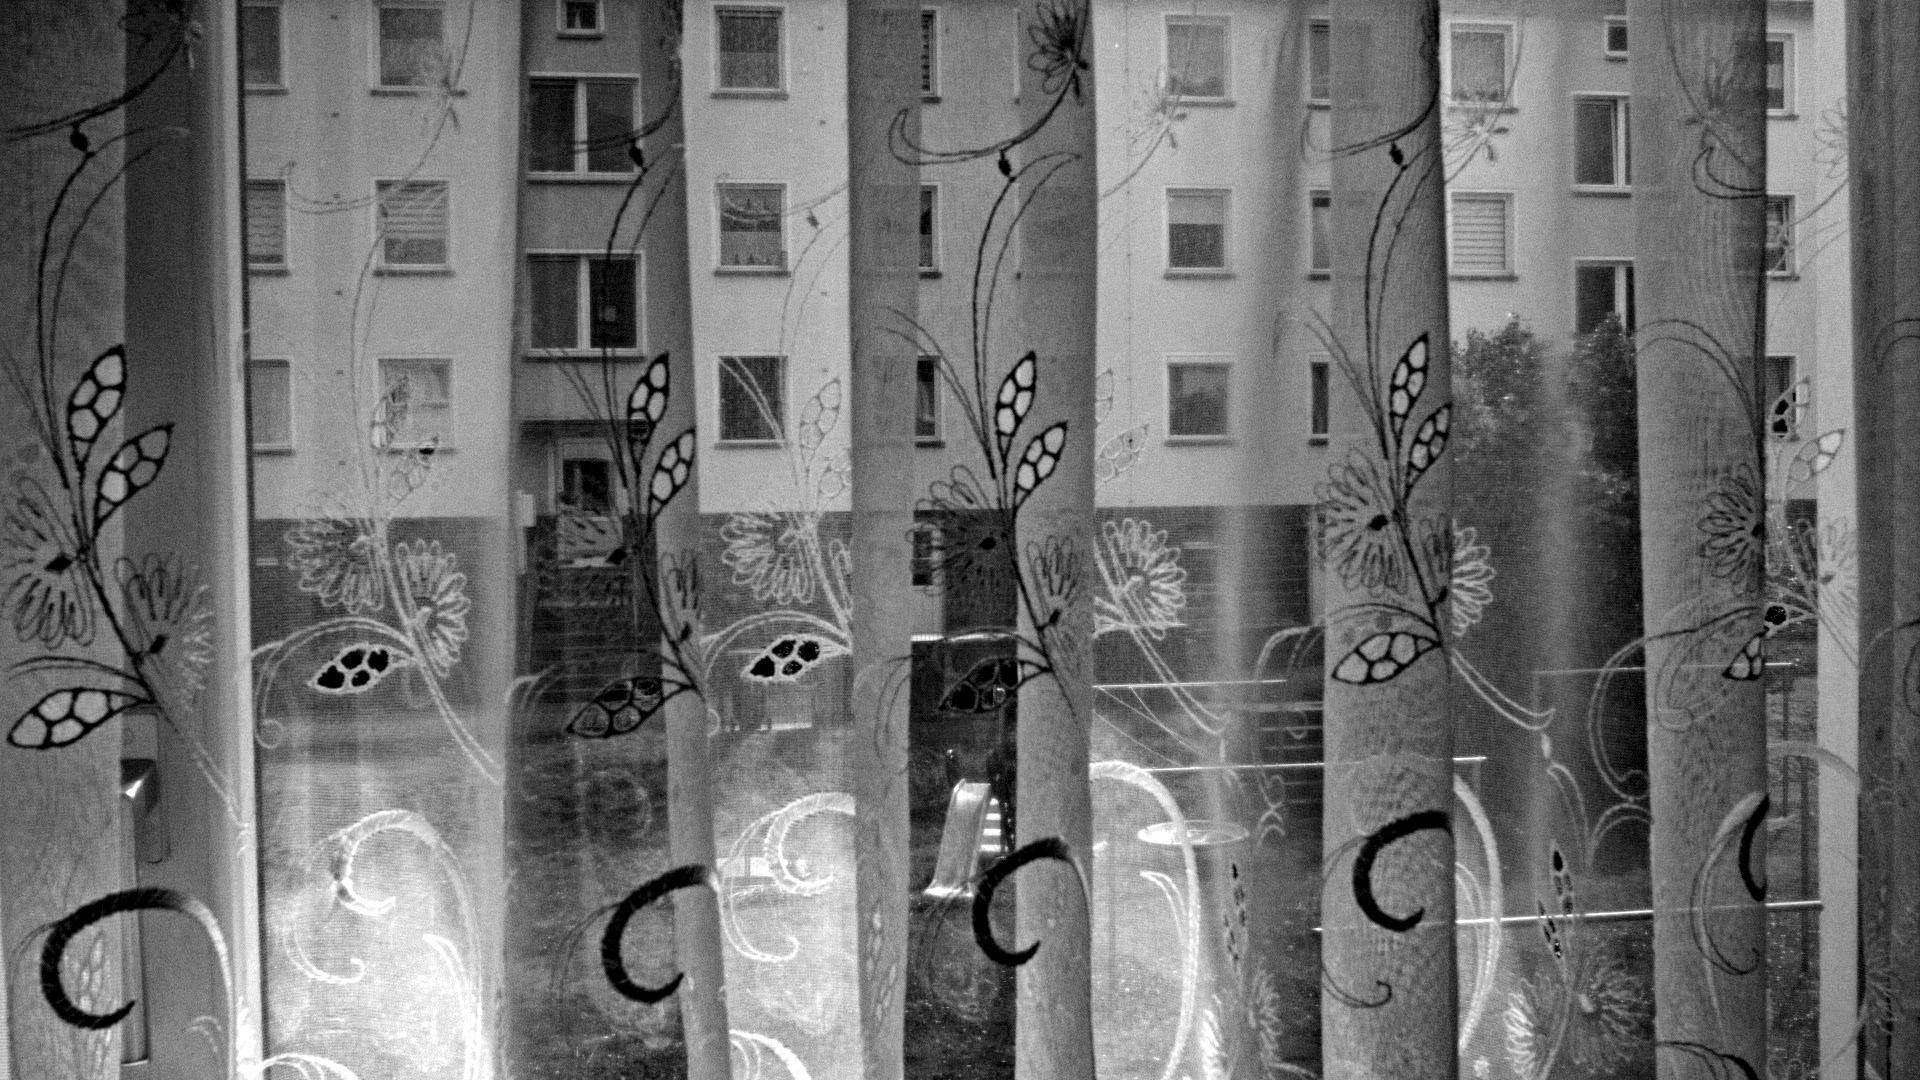 27 SCHRITTE von Andrea Schramm